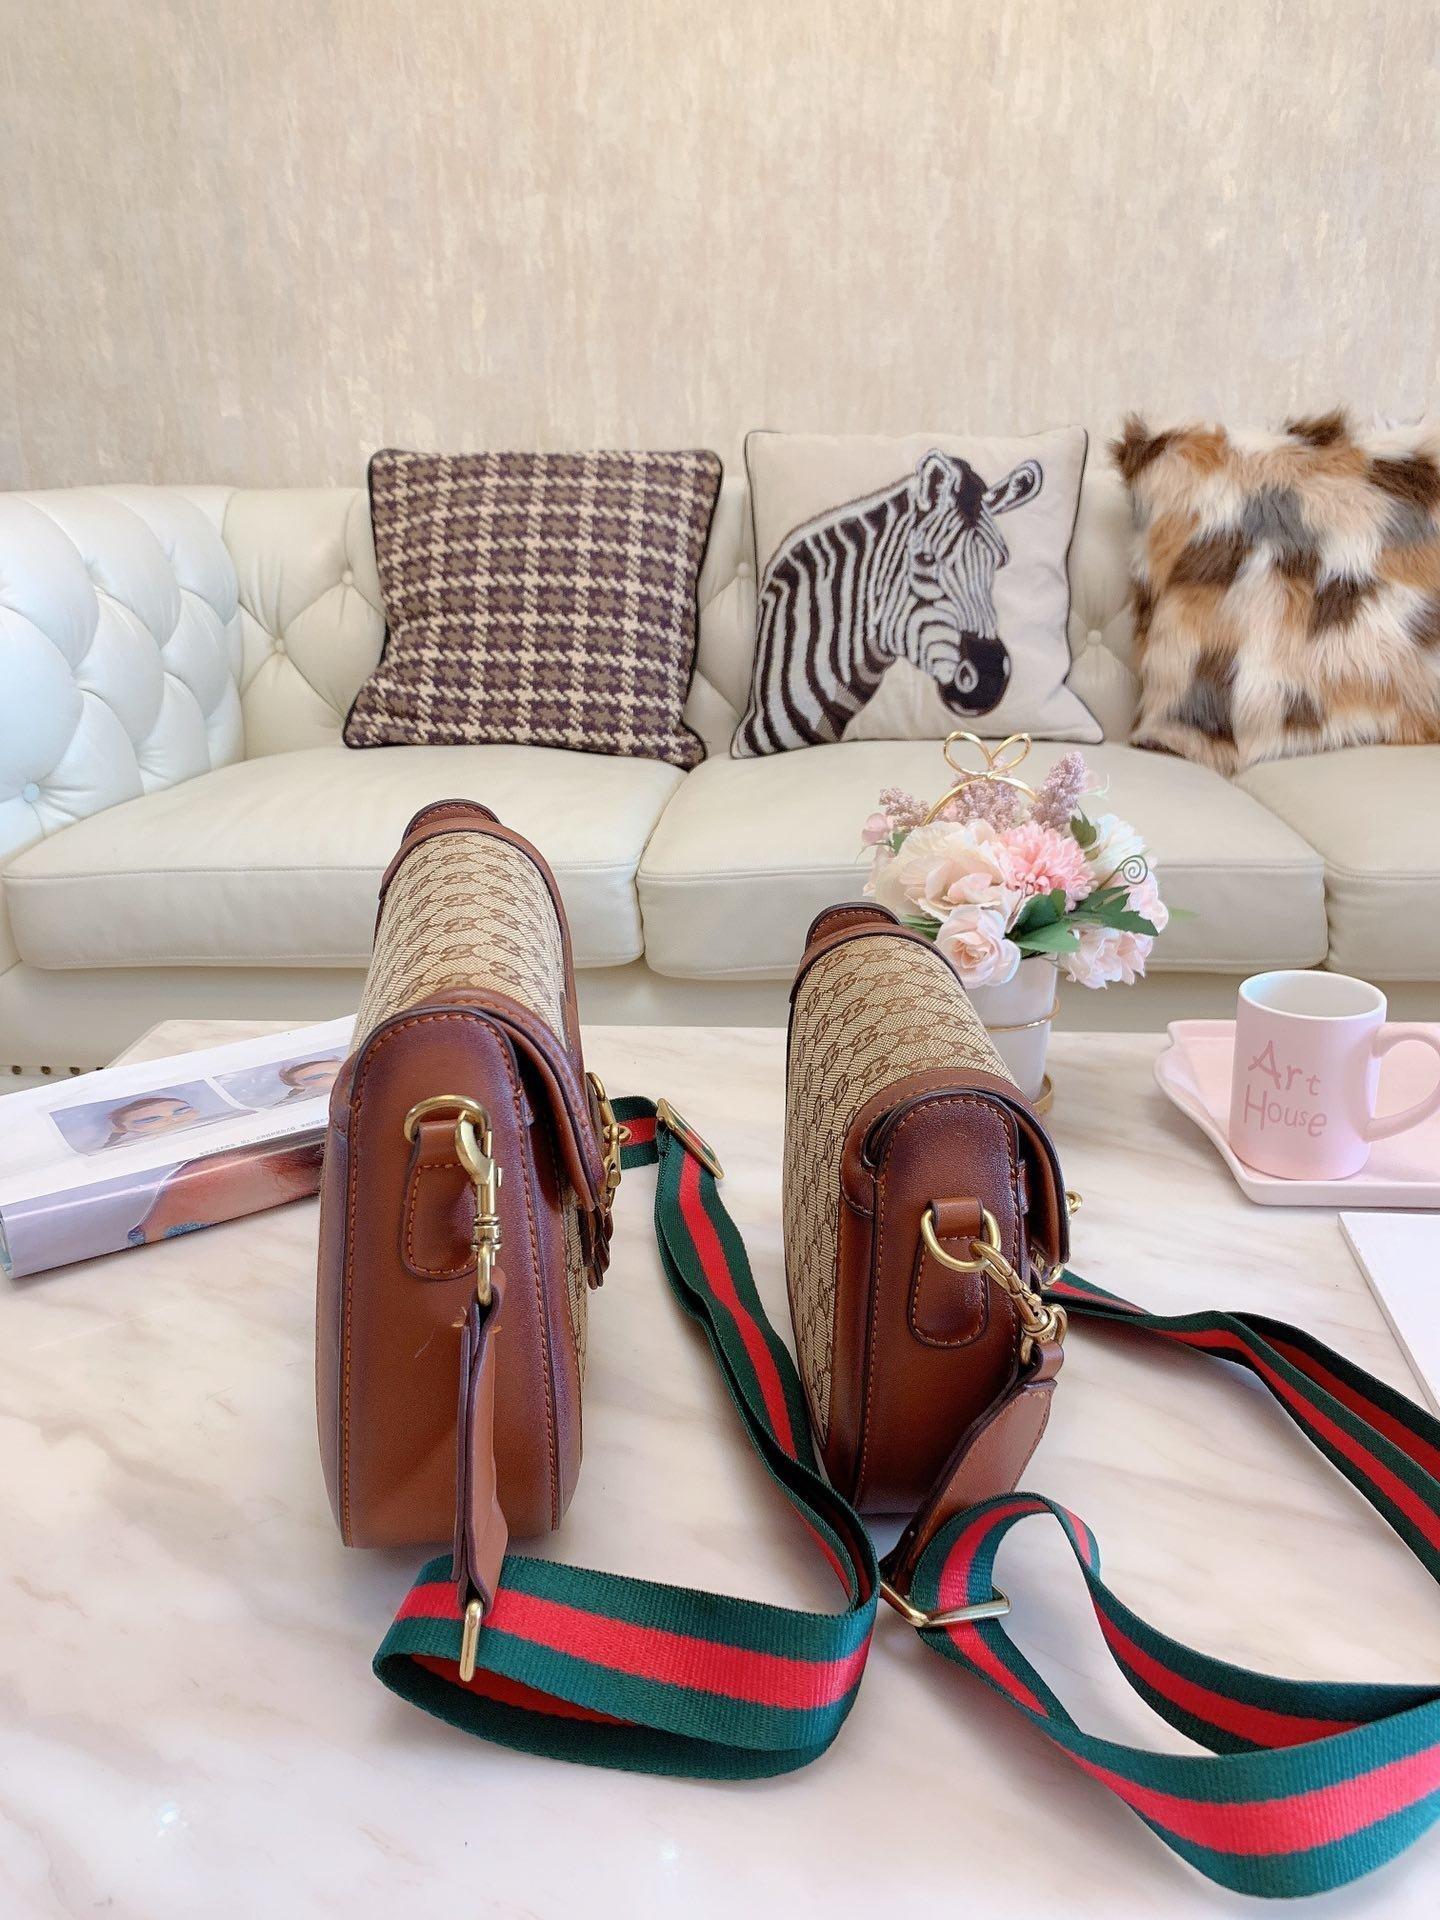 Hombro Bolsa de Nueva Moda Pequeño Plaza Crossbody bolso para mujer del paquete 12151